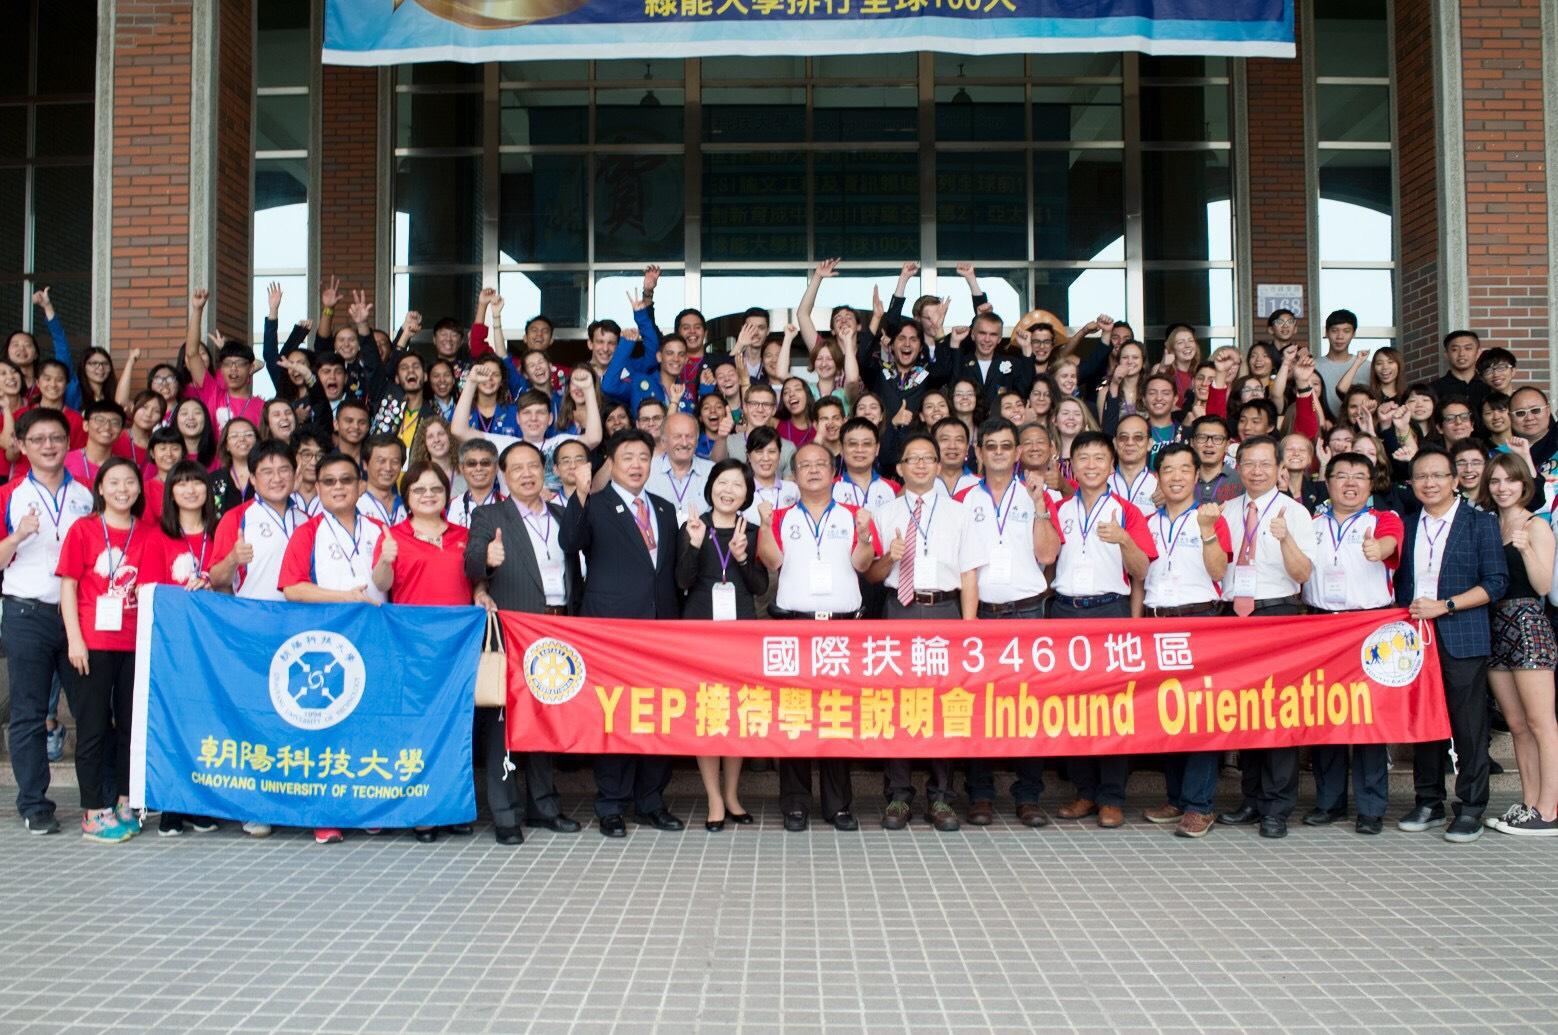 朝陽校友會與國際扶輪3460地區及朝陽科大合作之國際學生文化適應營